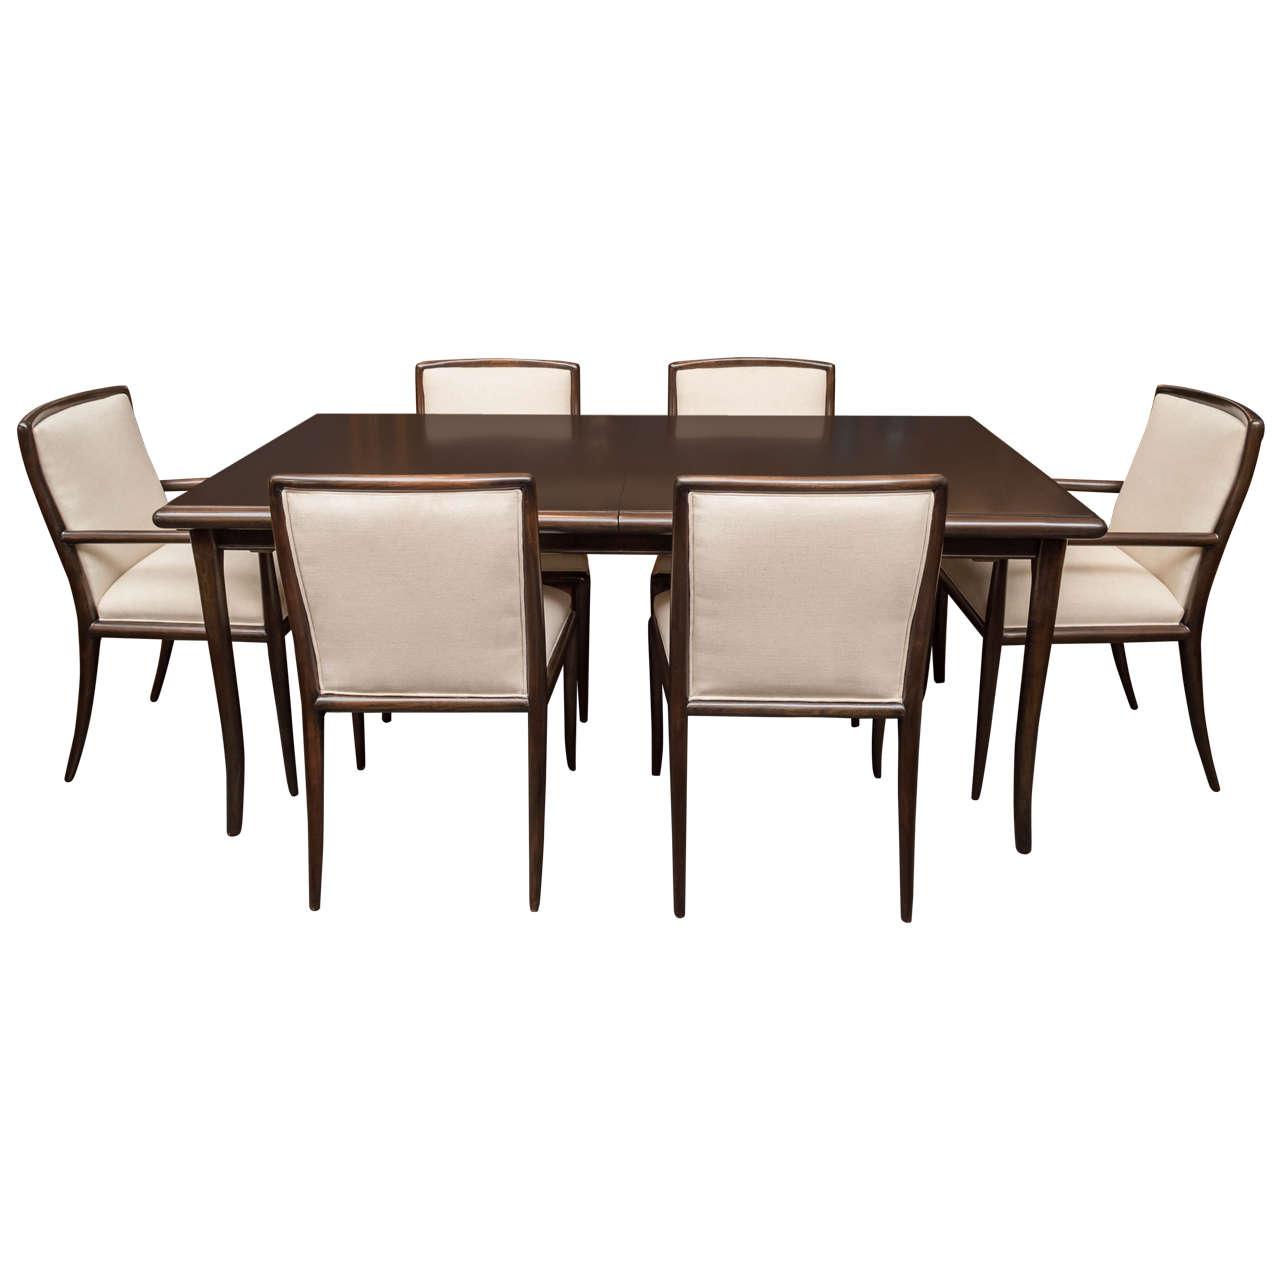 T.H. Robsjohn-Gibbings Dining Set